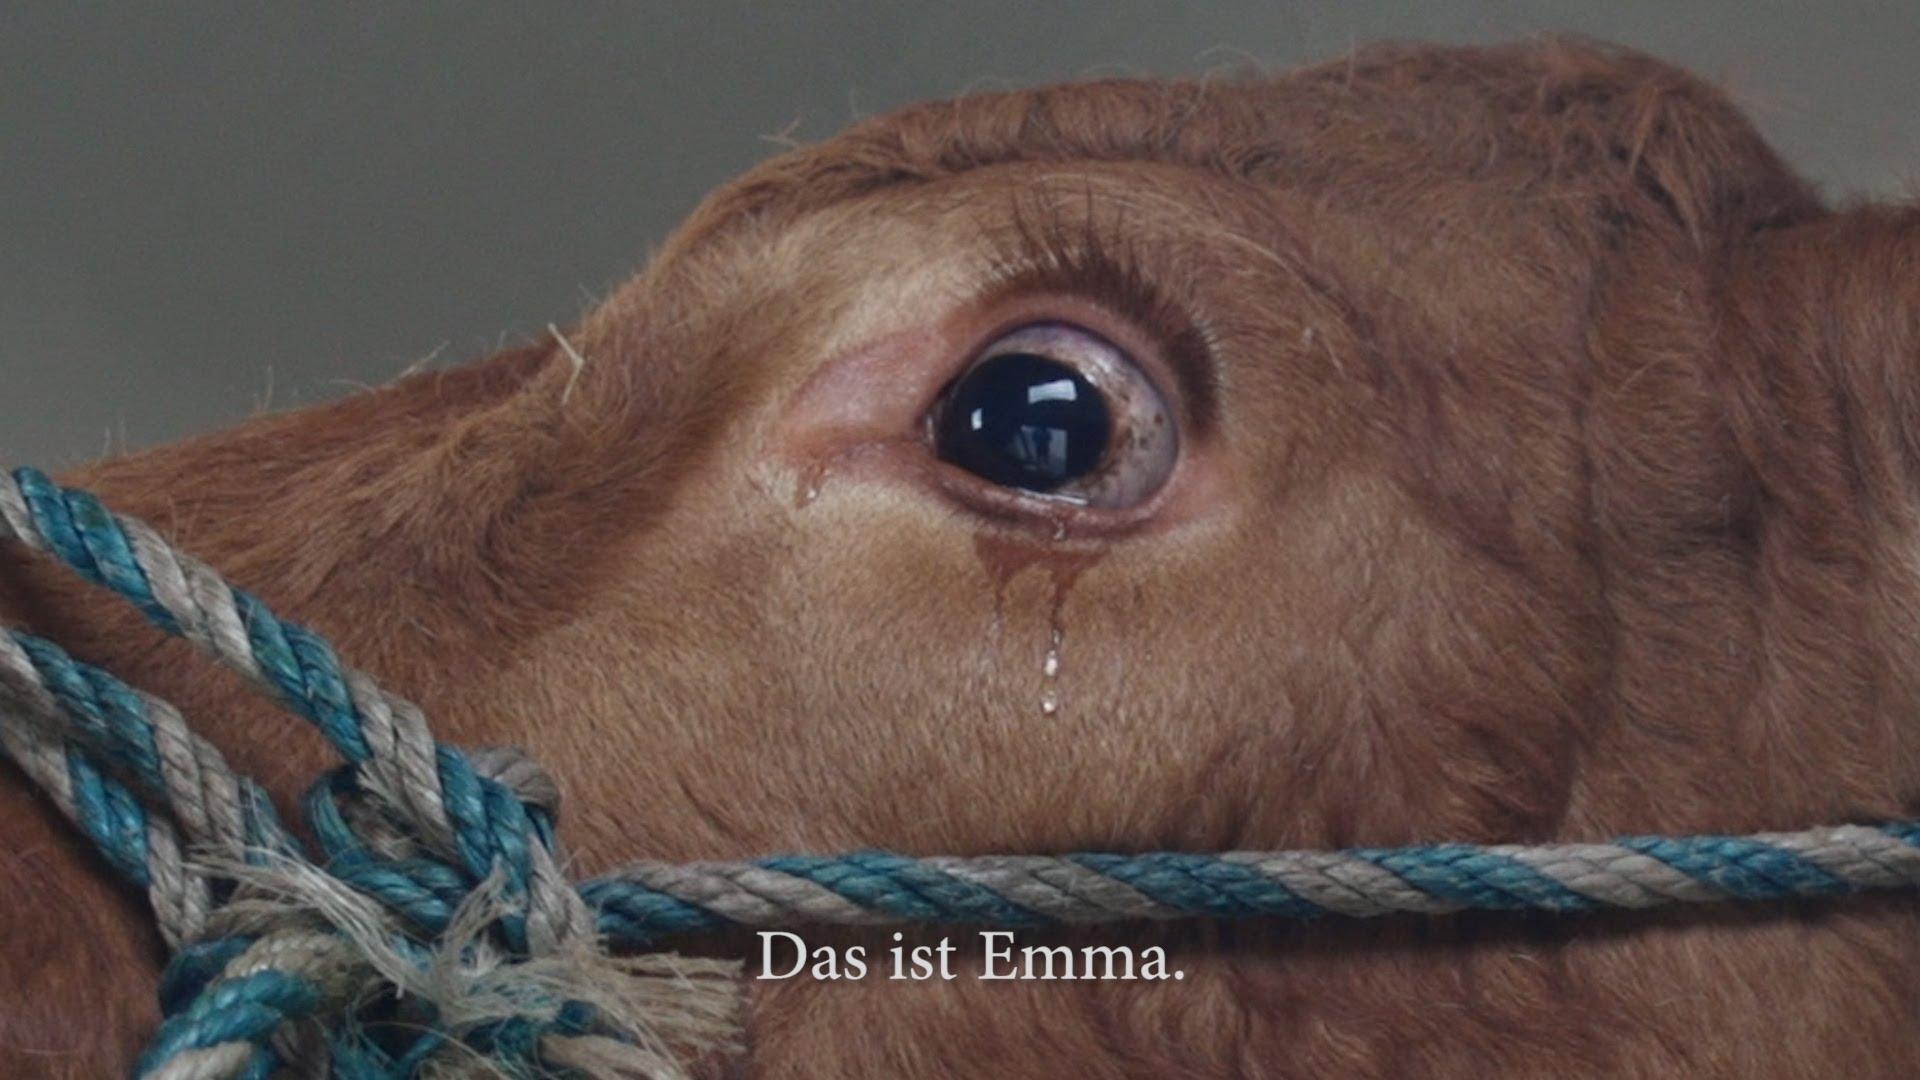 فيديو...بقرة تنجو من الذبح بسبب دموعها